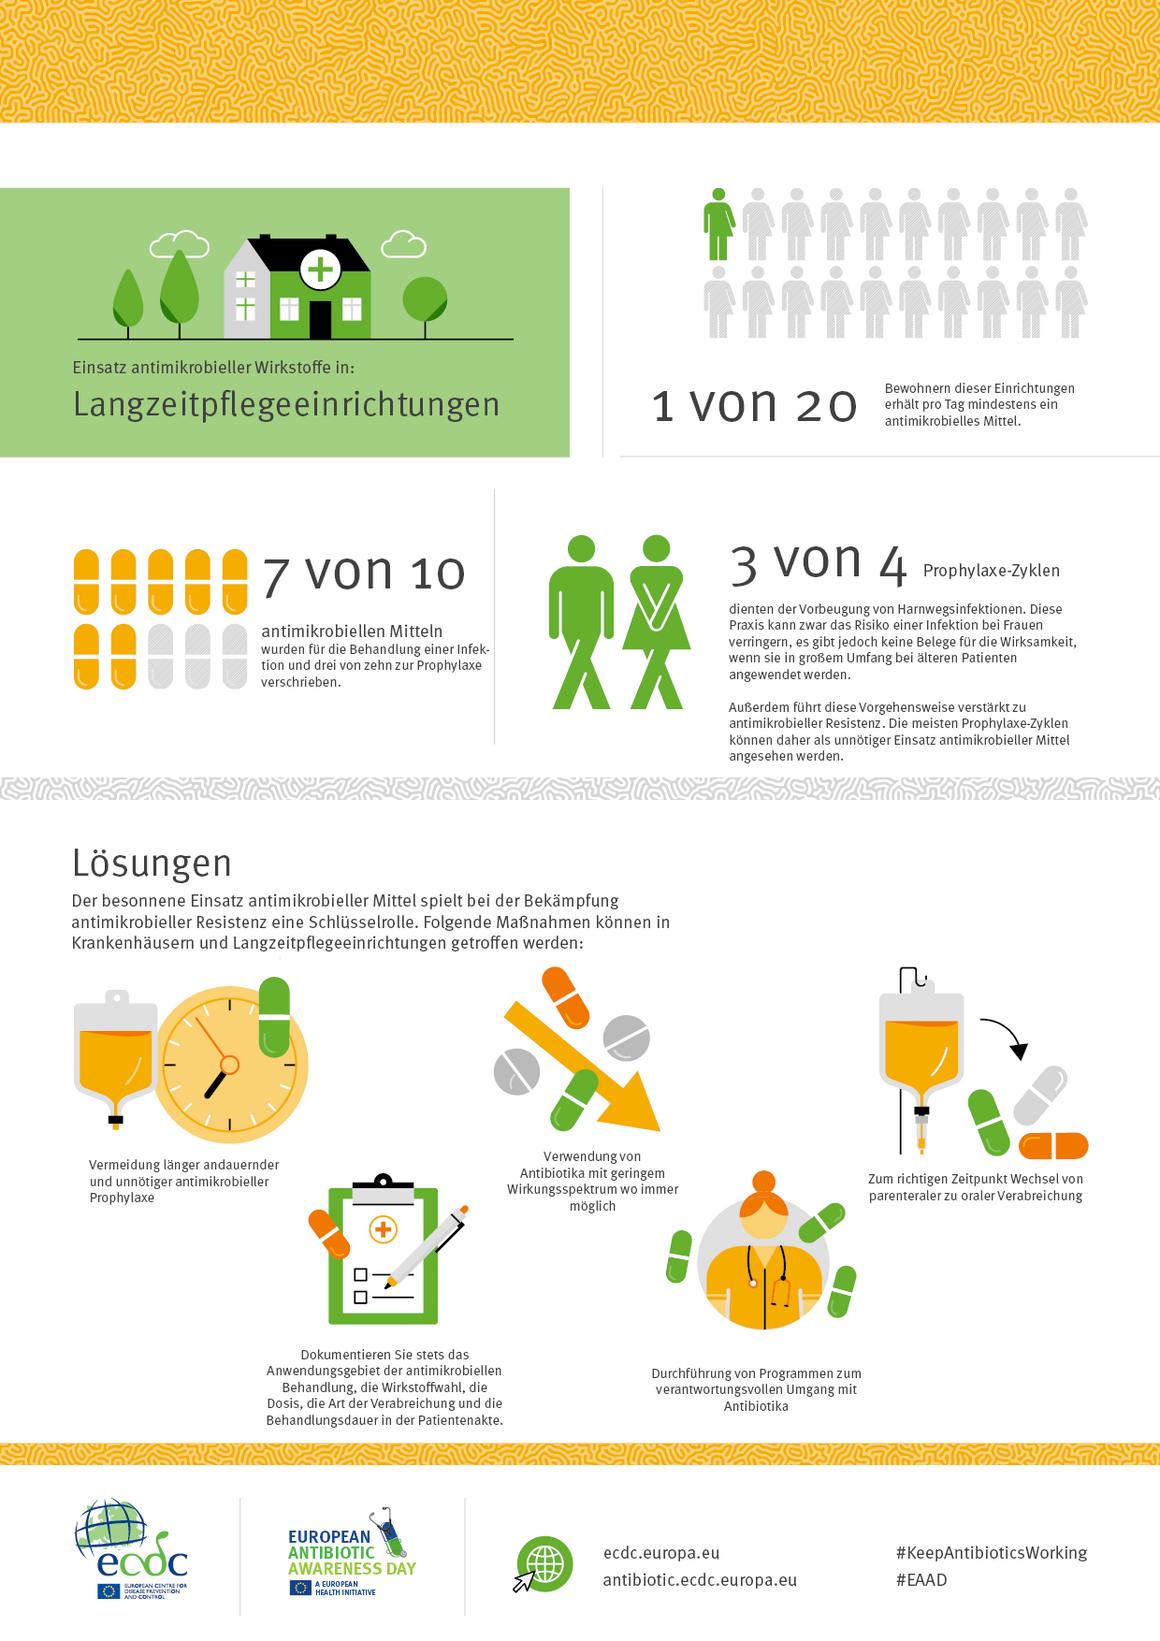 Einsatz antimikrobieller Wirkstoffe in: Langzeitpflegeeinrichtungen